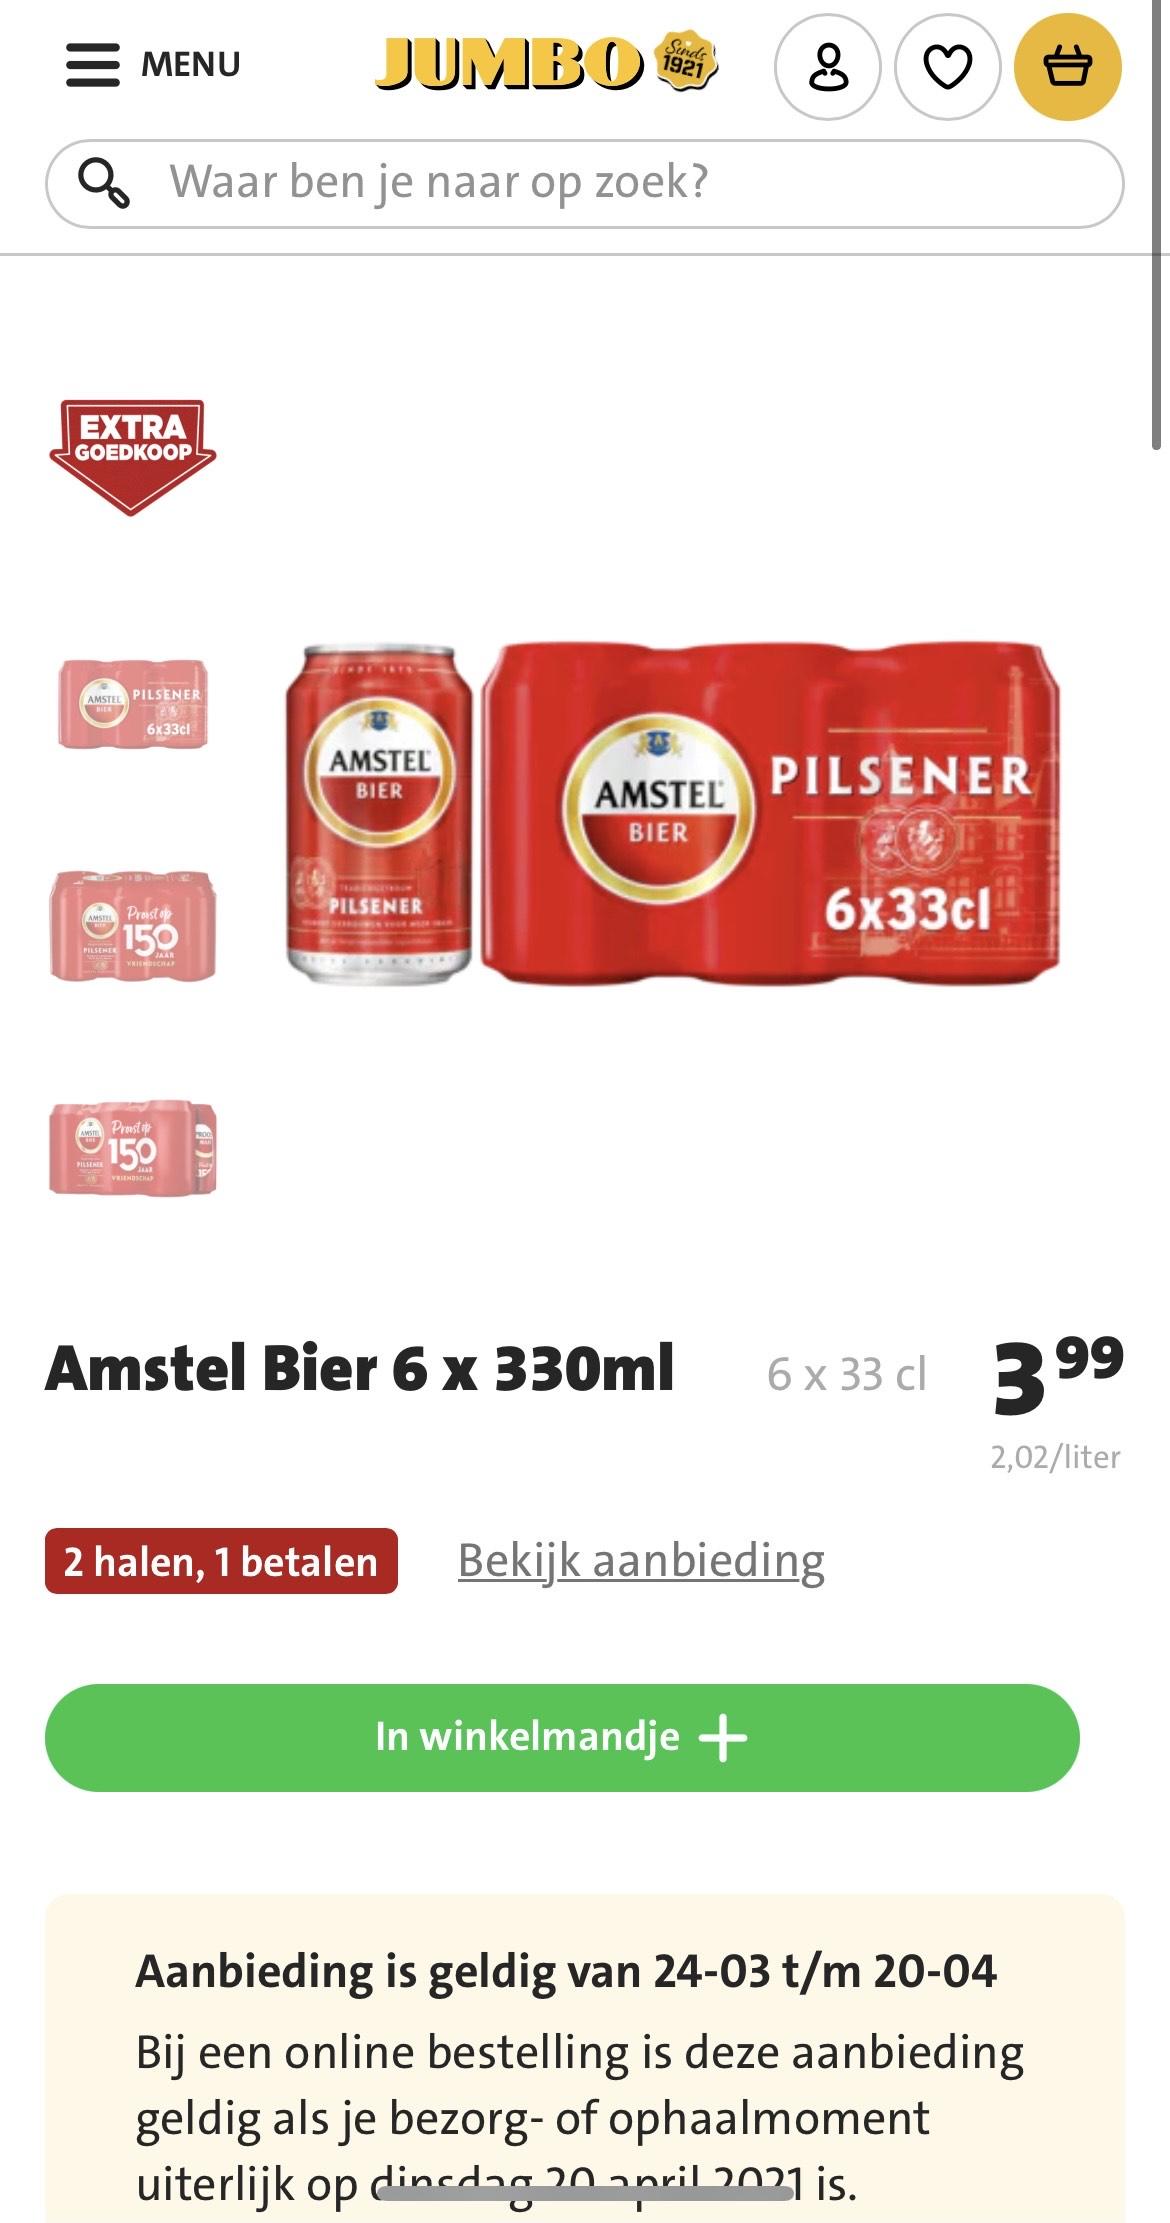 2x Sixpack Amstel blikjes nu 3,99 bij Jumbo